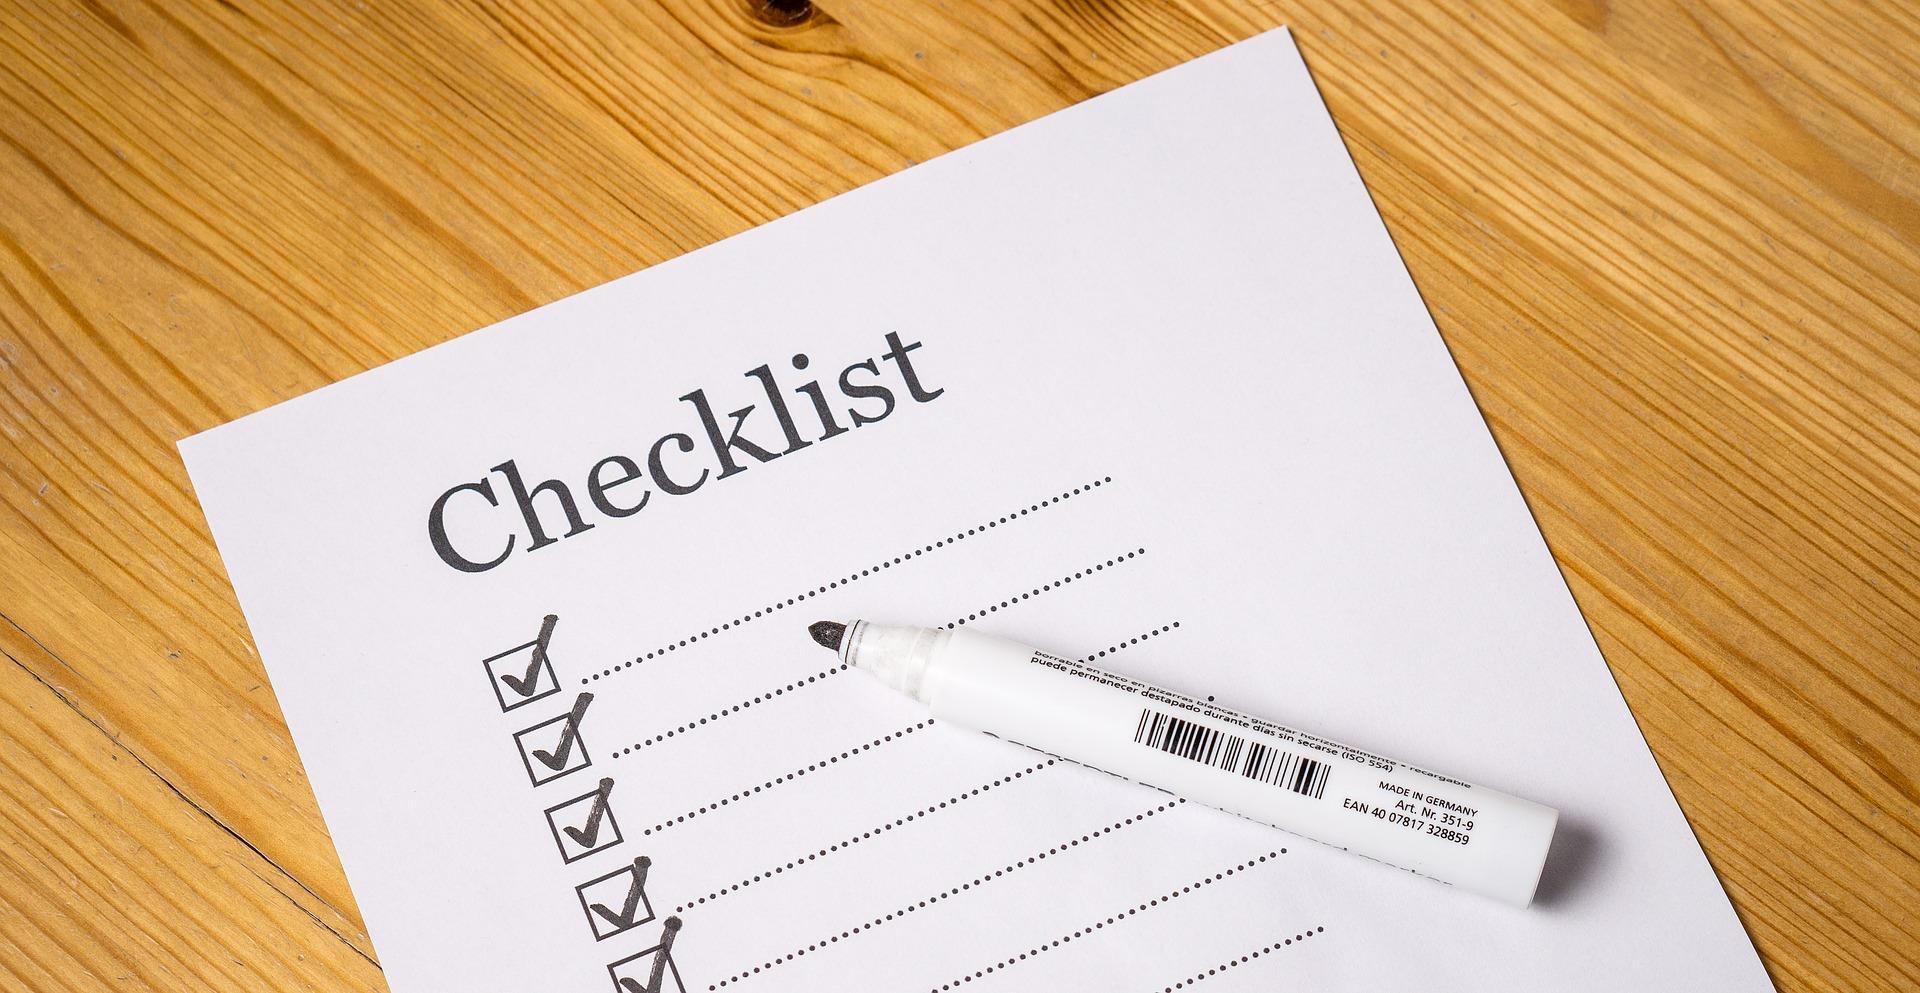 kündigung checkliste